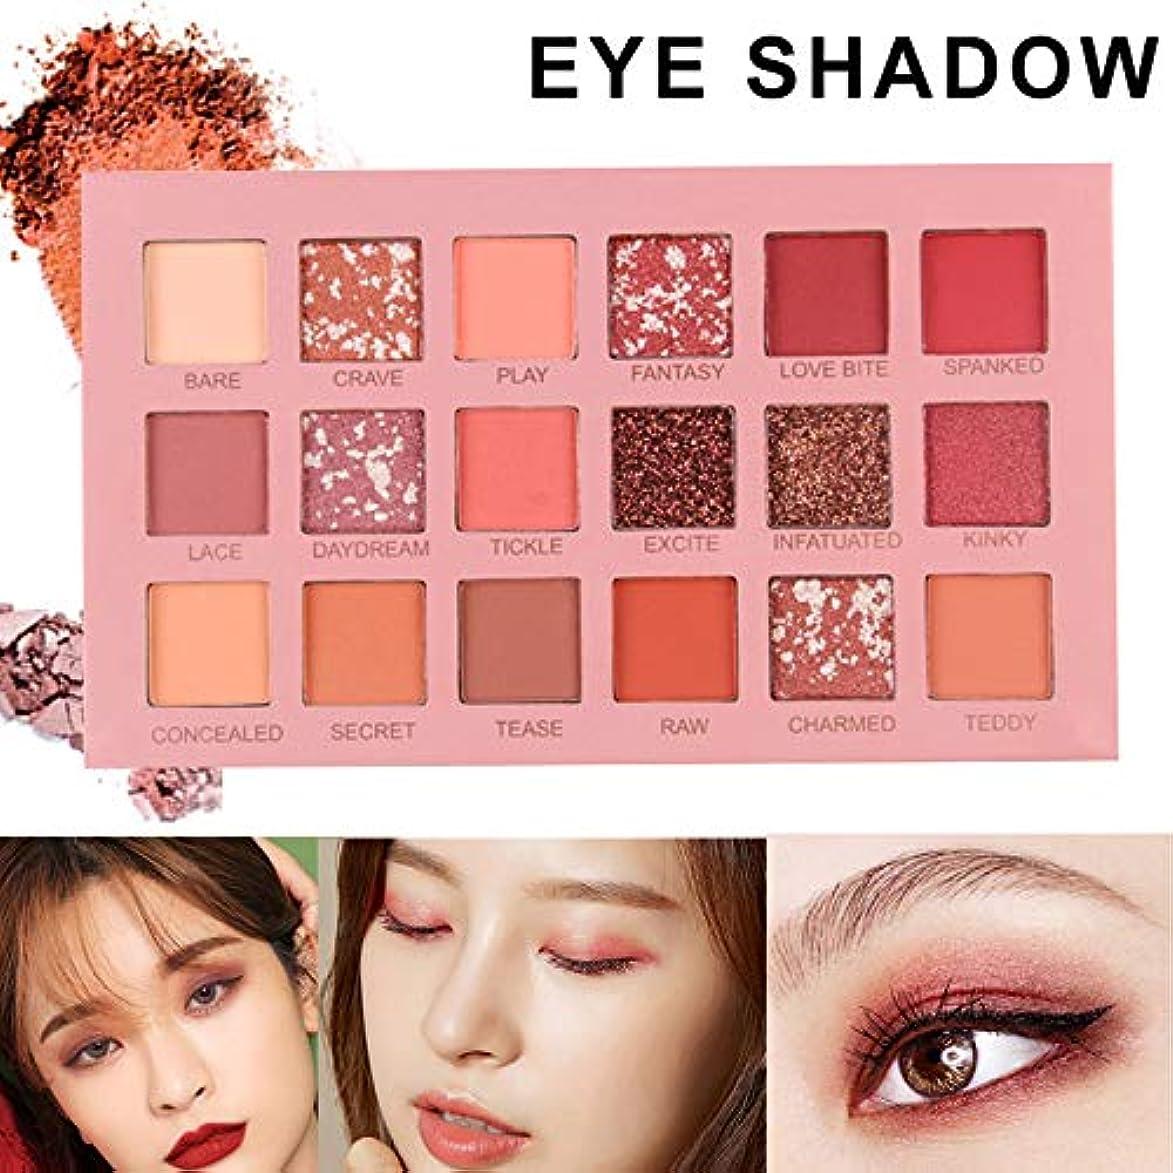 つなぐ戸口感覚hownnery 18 colors Shining Matte Eyeshadow Pearlescent Waterproof Smog Eye Shadow Palette